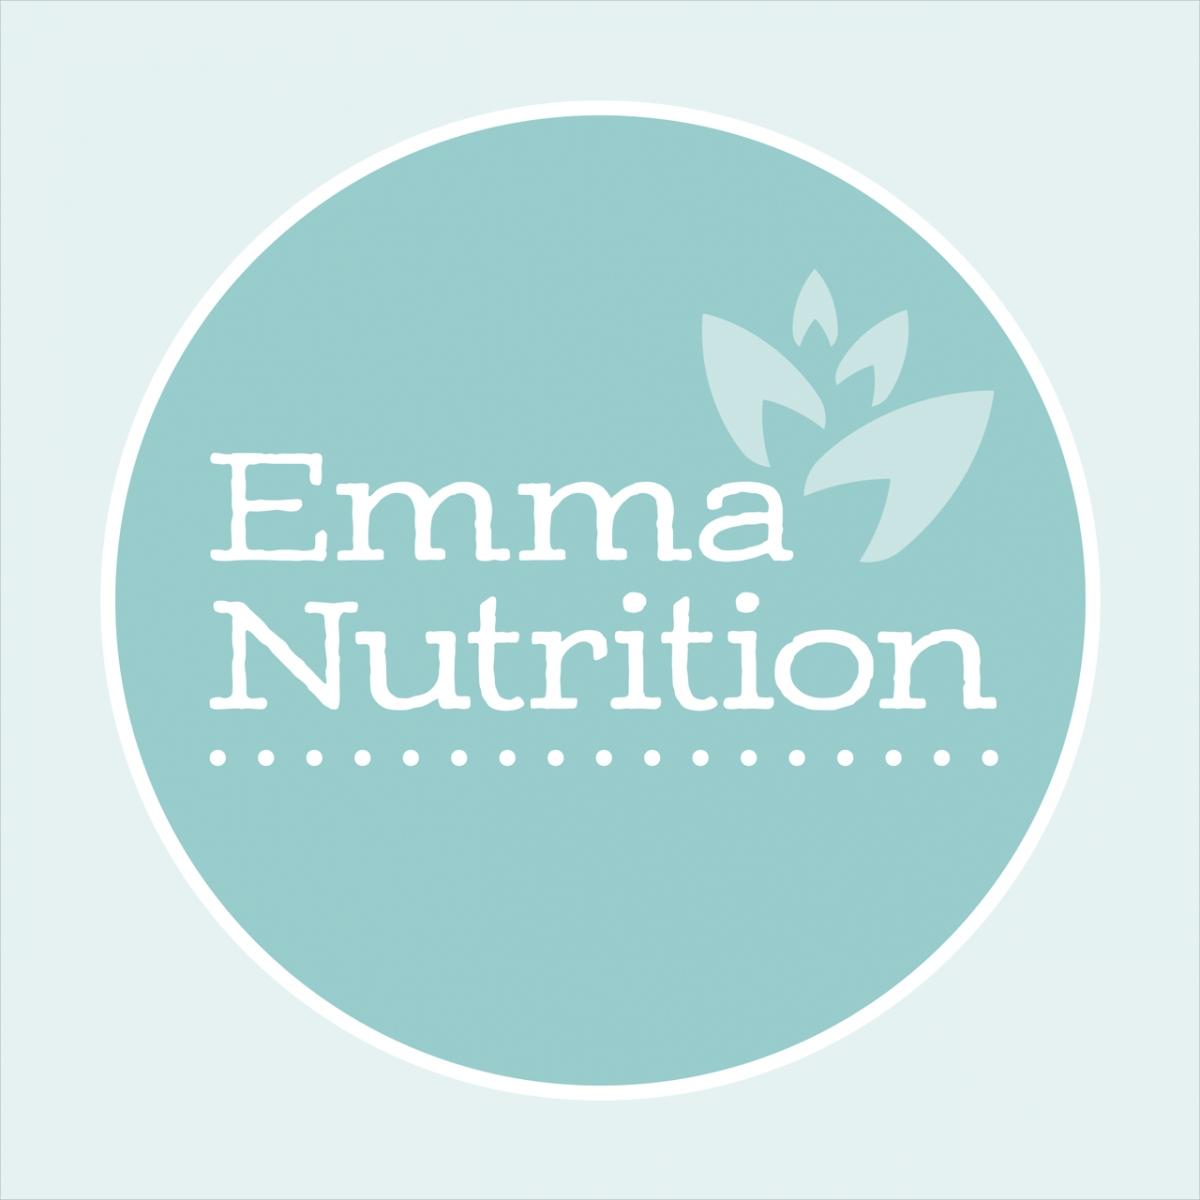 Emma Nutrition